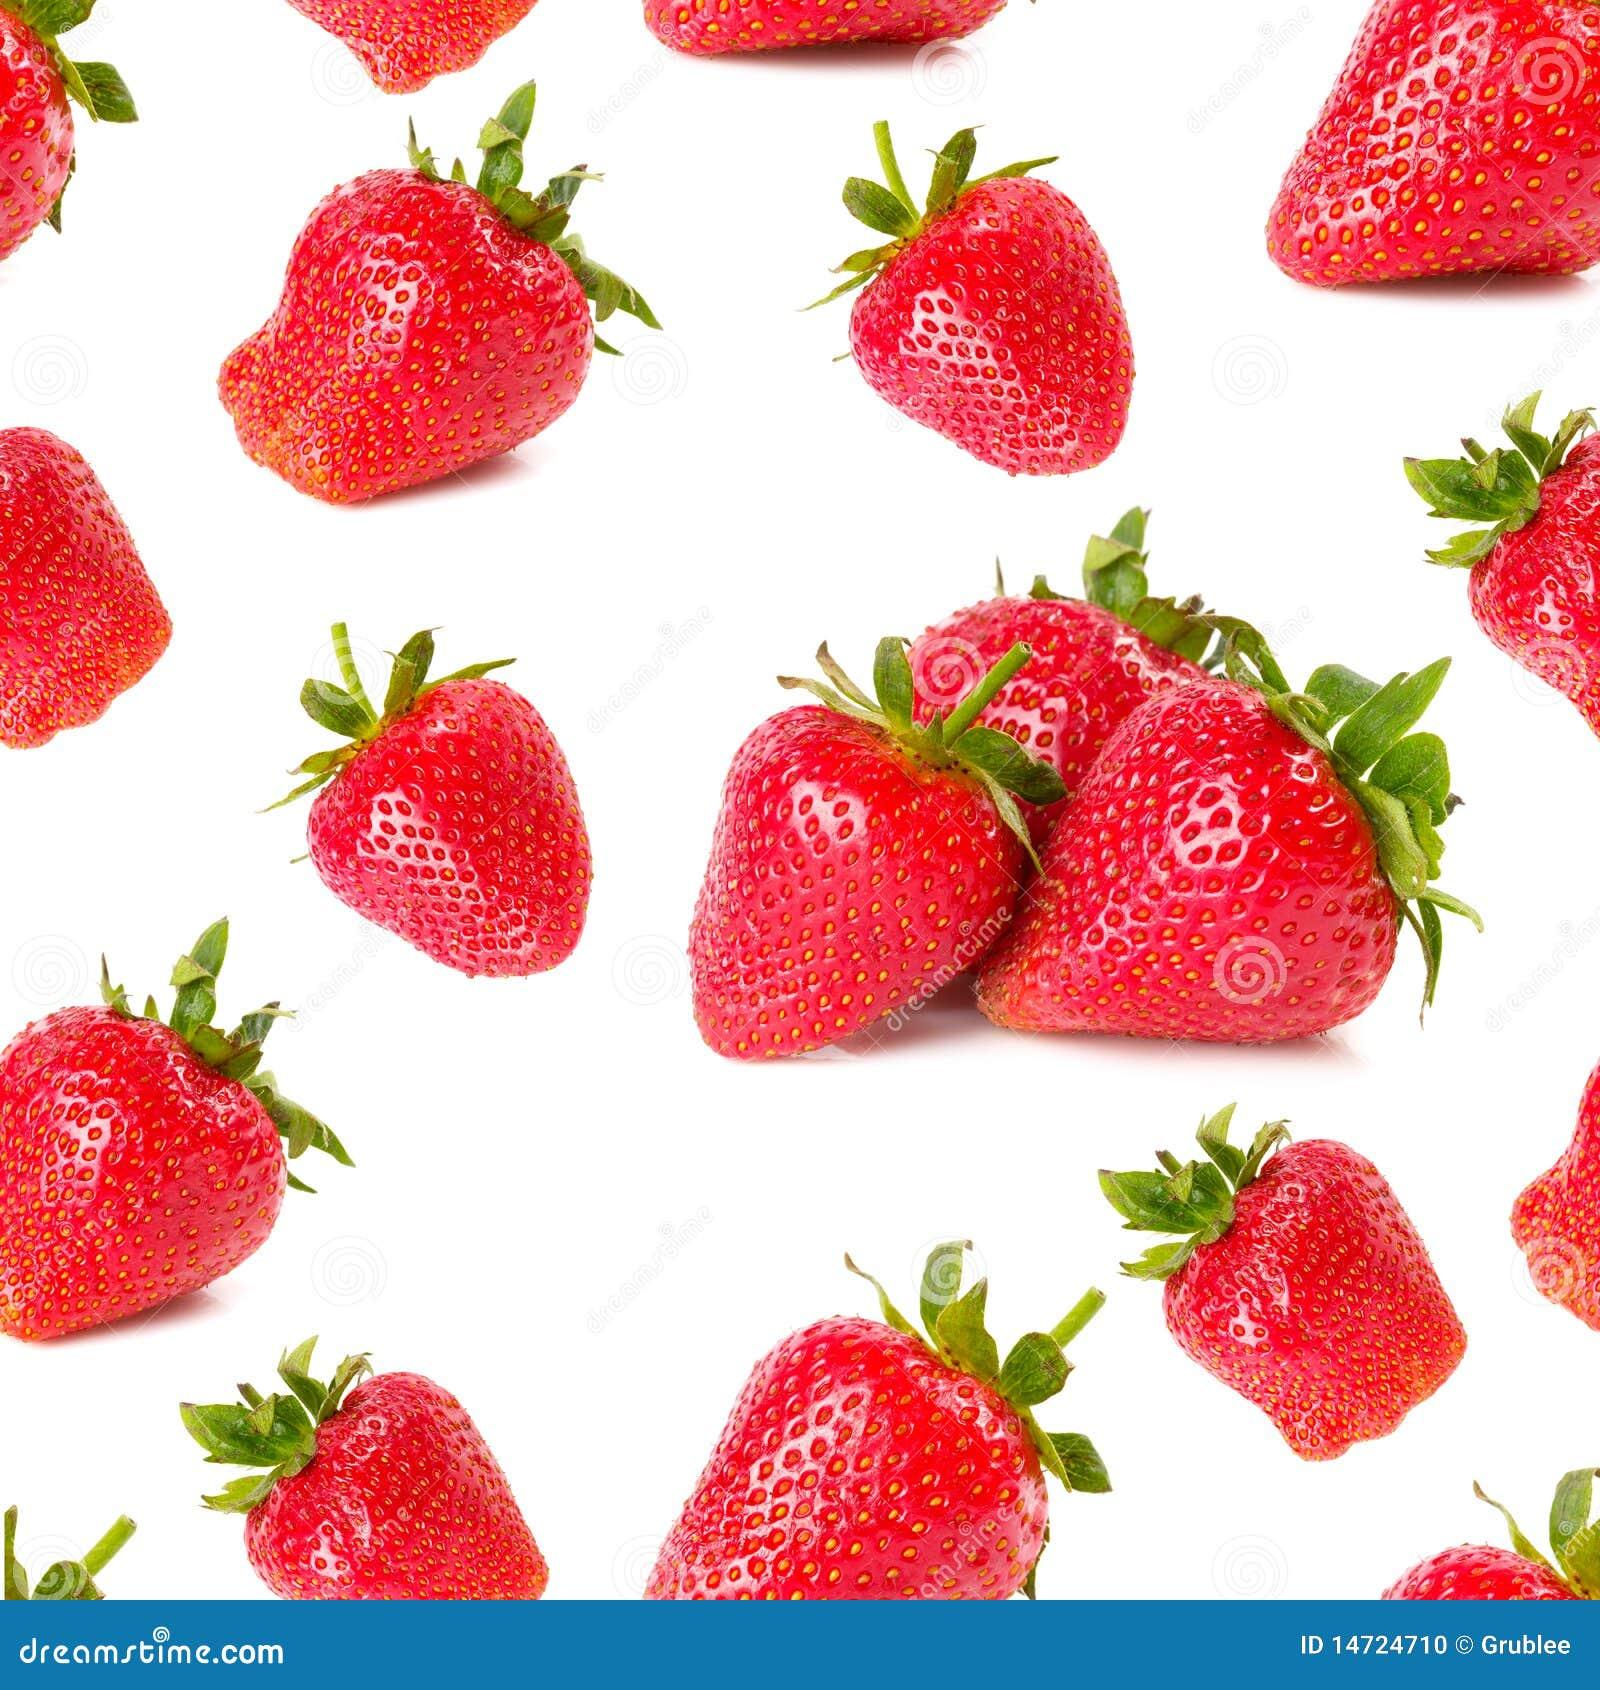 ... die over wit naadloos behang worden geïsoleerds als achtergrond: nl.dreamstime.com/stock-foto-het-naadloze-behang-van-aardbeien...